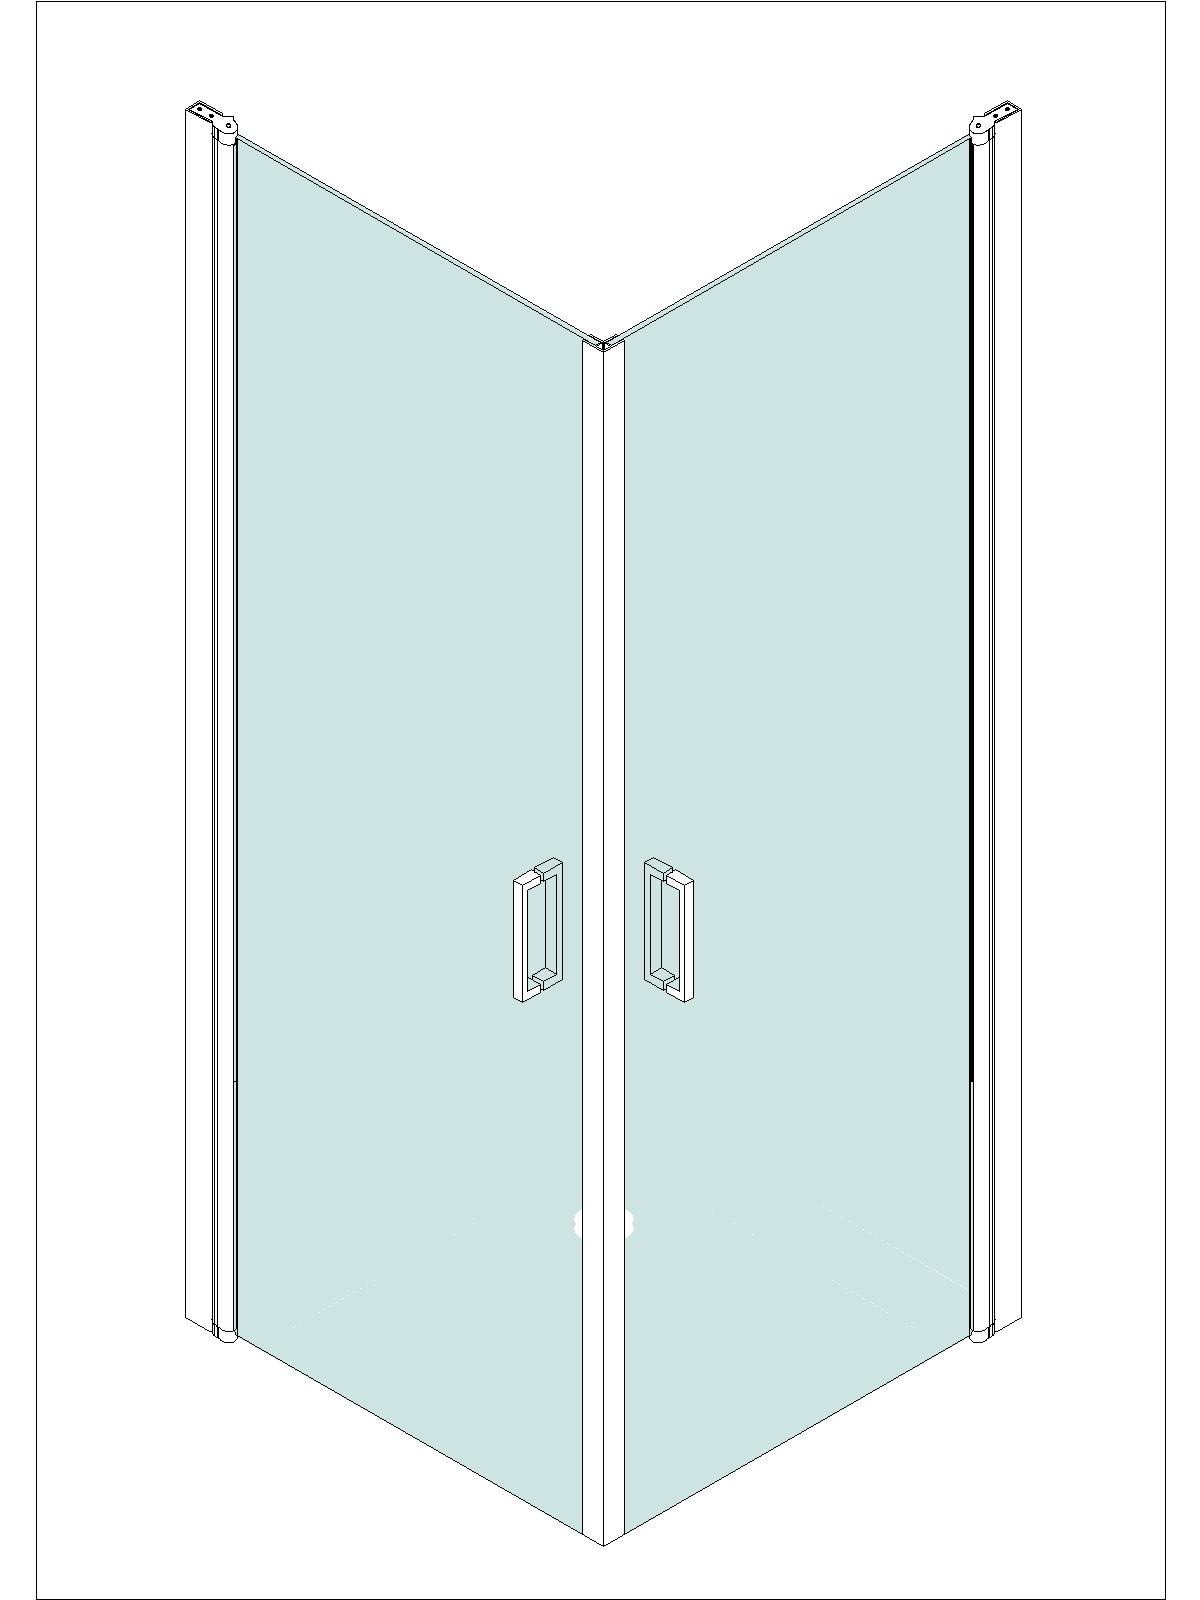 Senza cornice box doccia senza telaio di alta qualit - Box doccia senza silicone ...